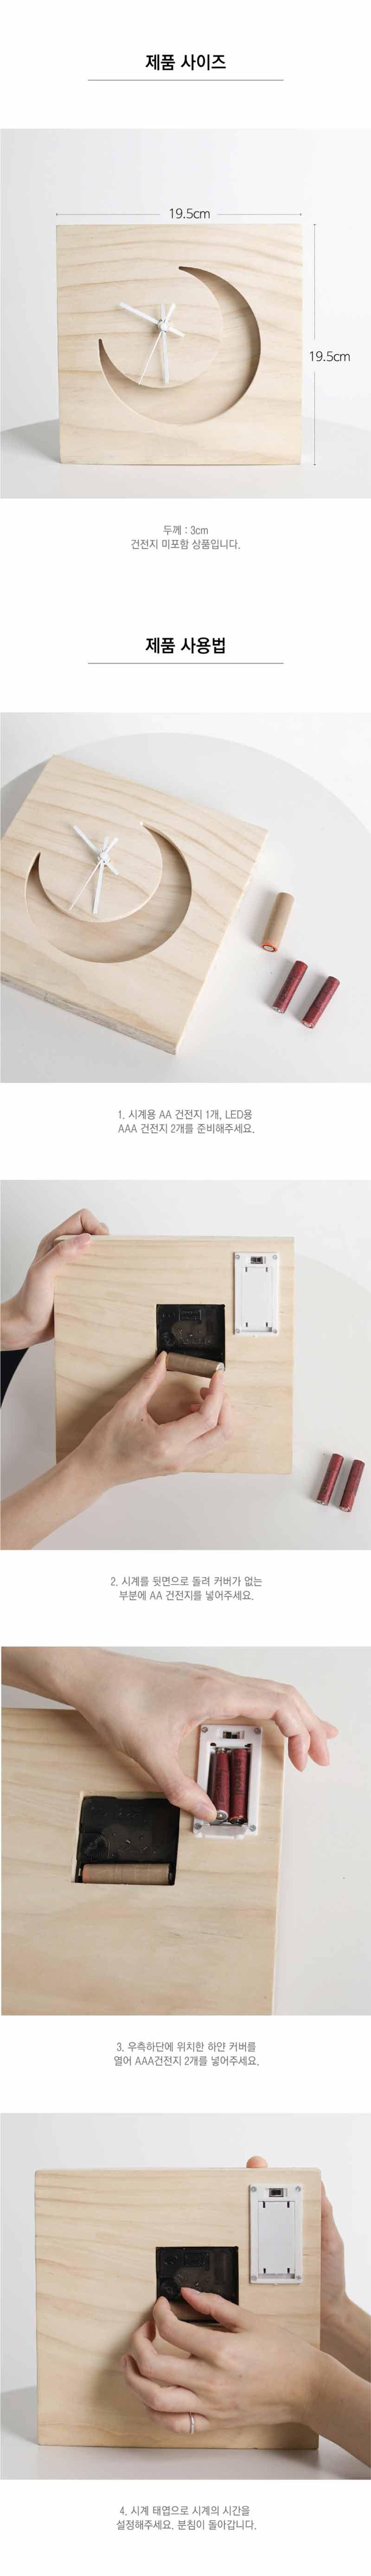 초승달 조명시계 - 루무드, 24,900원, 탁상시계, 우드